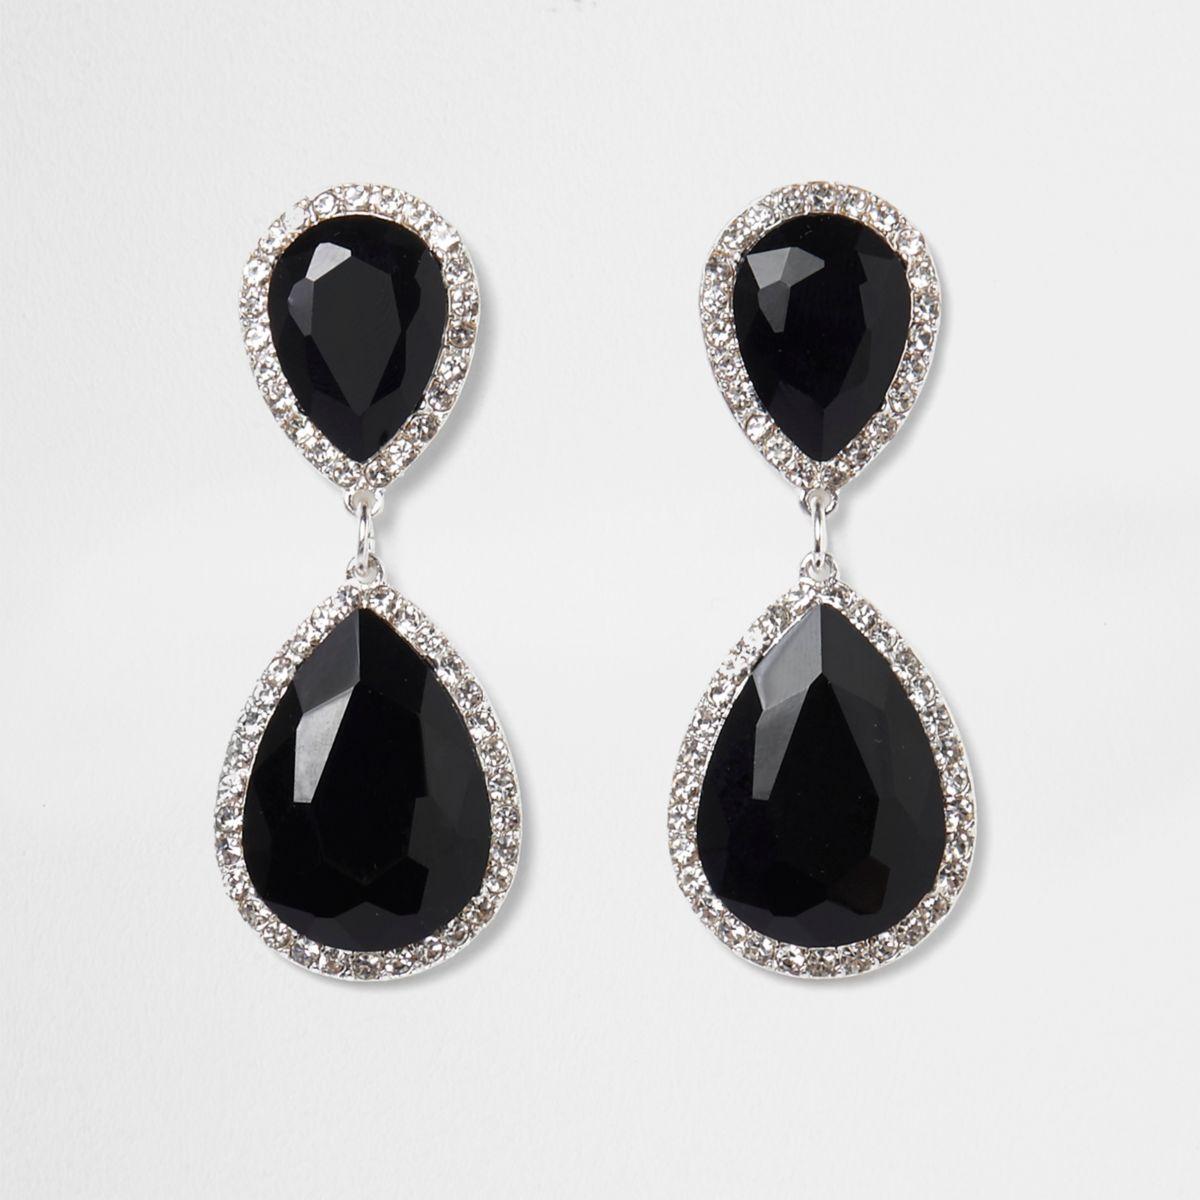 Schwarze Ohrringe mit tropfenförmigen Kristall-Anhängern